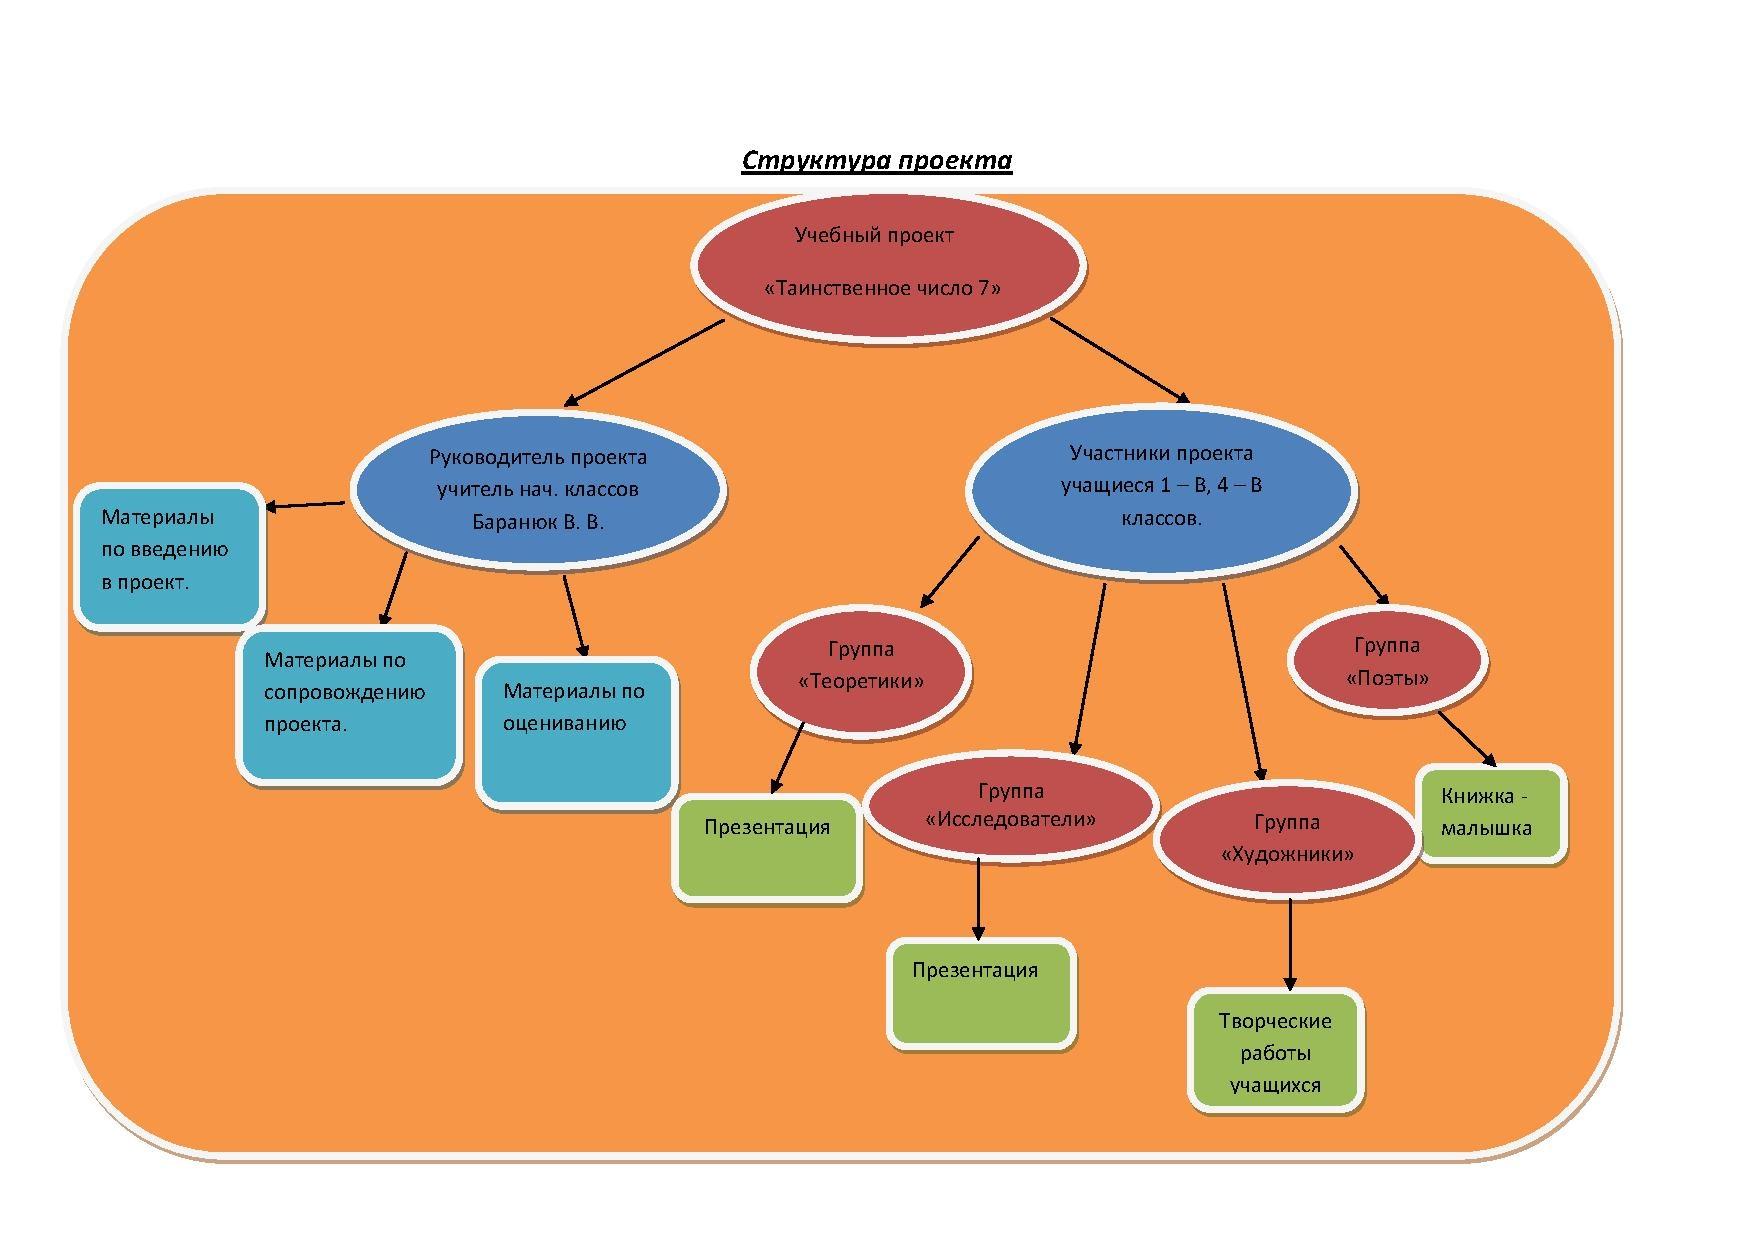 Образовательный проект - это... понятие, разработка, цели и задачи